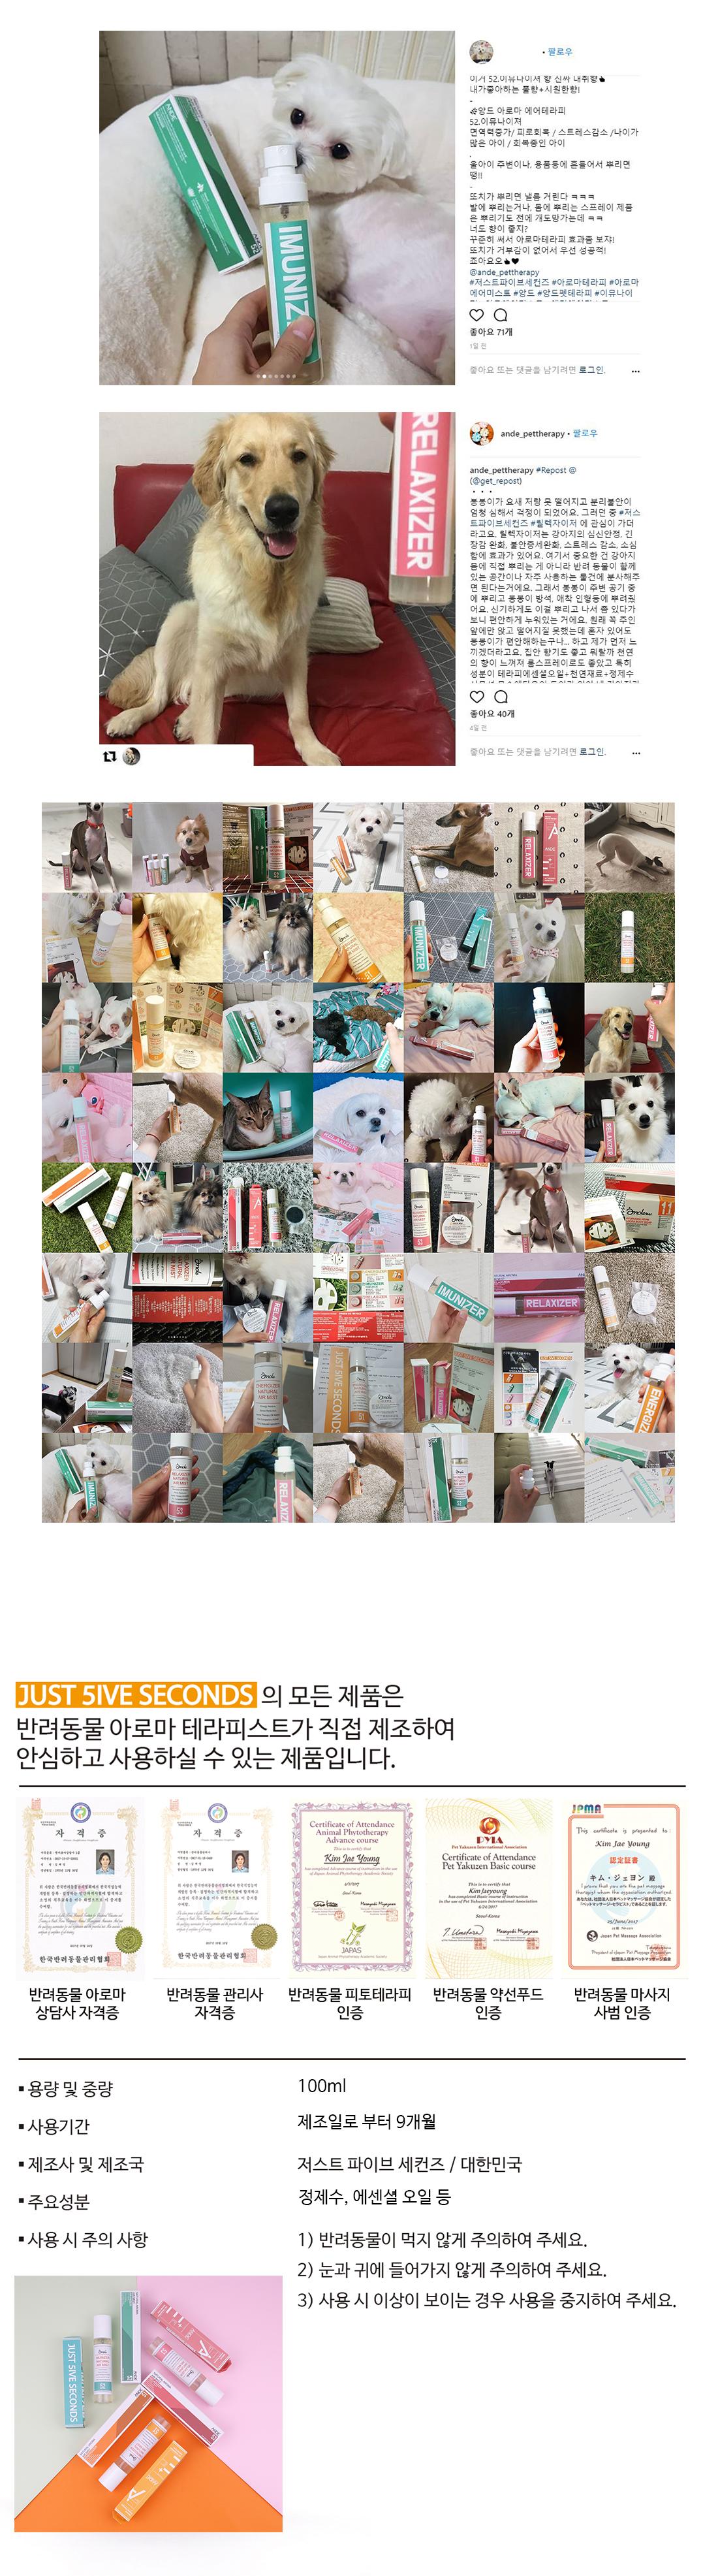 앙드 아로마 에어미스트 이뮤나이저100ml - 앙드, 12,000원, 미용/목욕용품, 향수/에센스